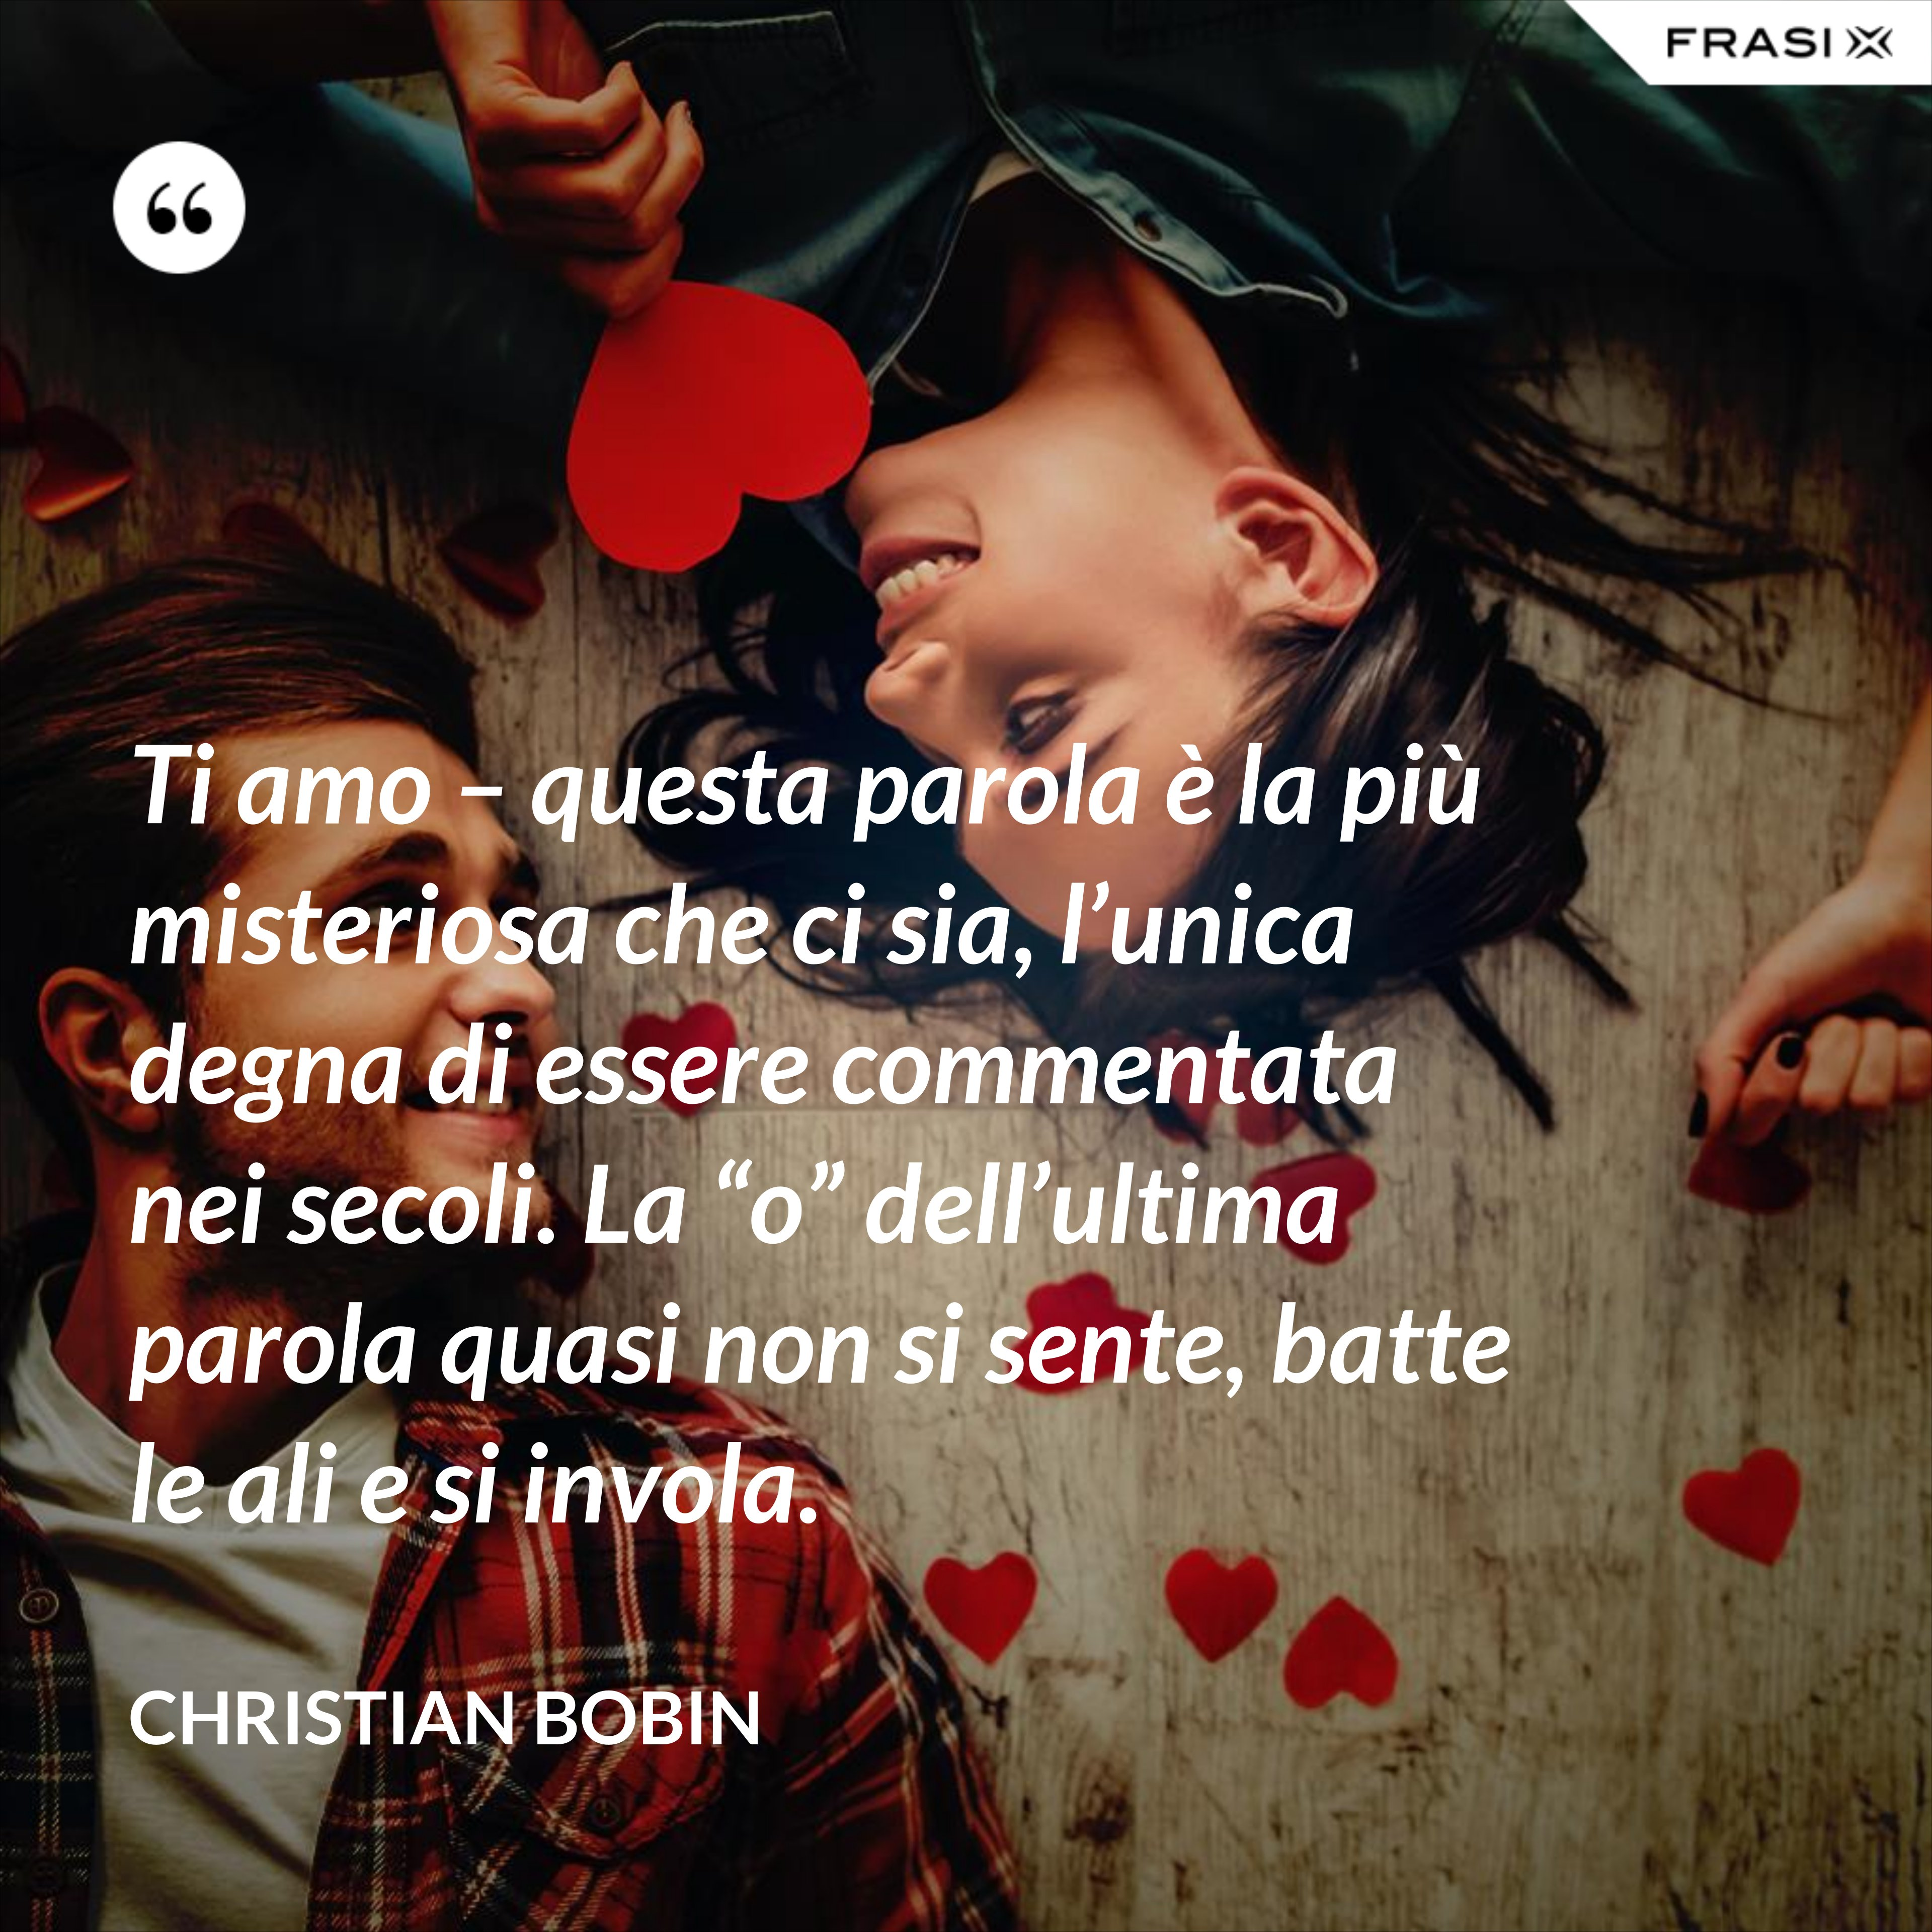 """Ti amo – questa parola è la più misteriosa che ci sia, l'unica degna di essere commentata nei secoli. La """"o"""" dell'ultima parola quasi non si sente, batte le ali e si invola. - Christian Bobin"""